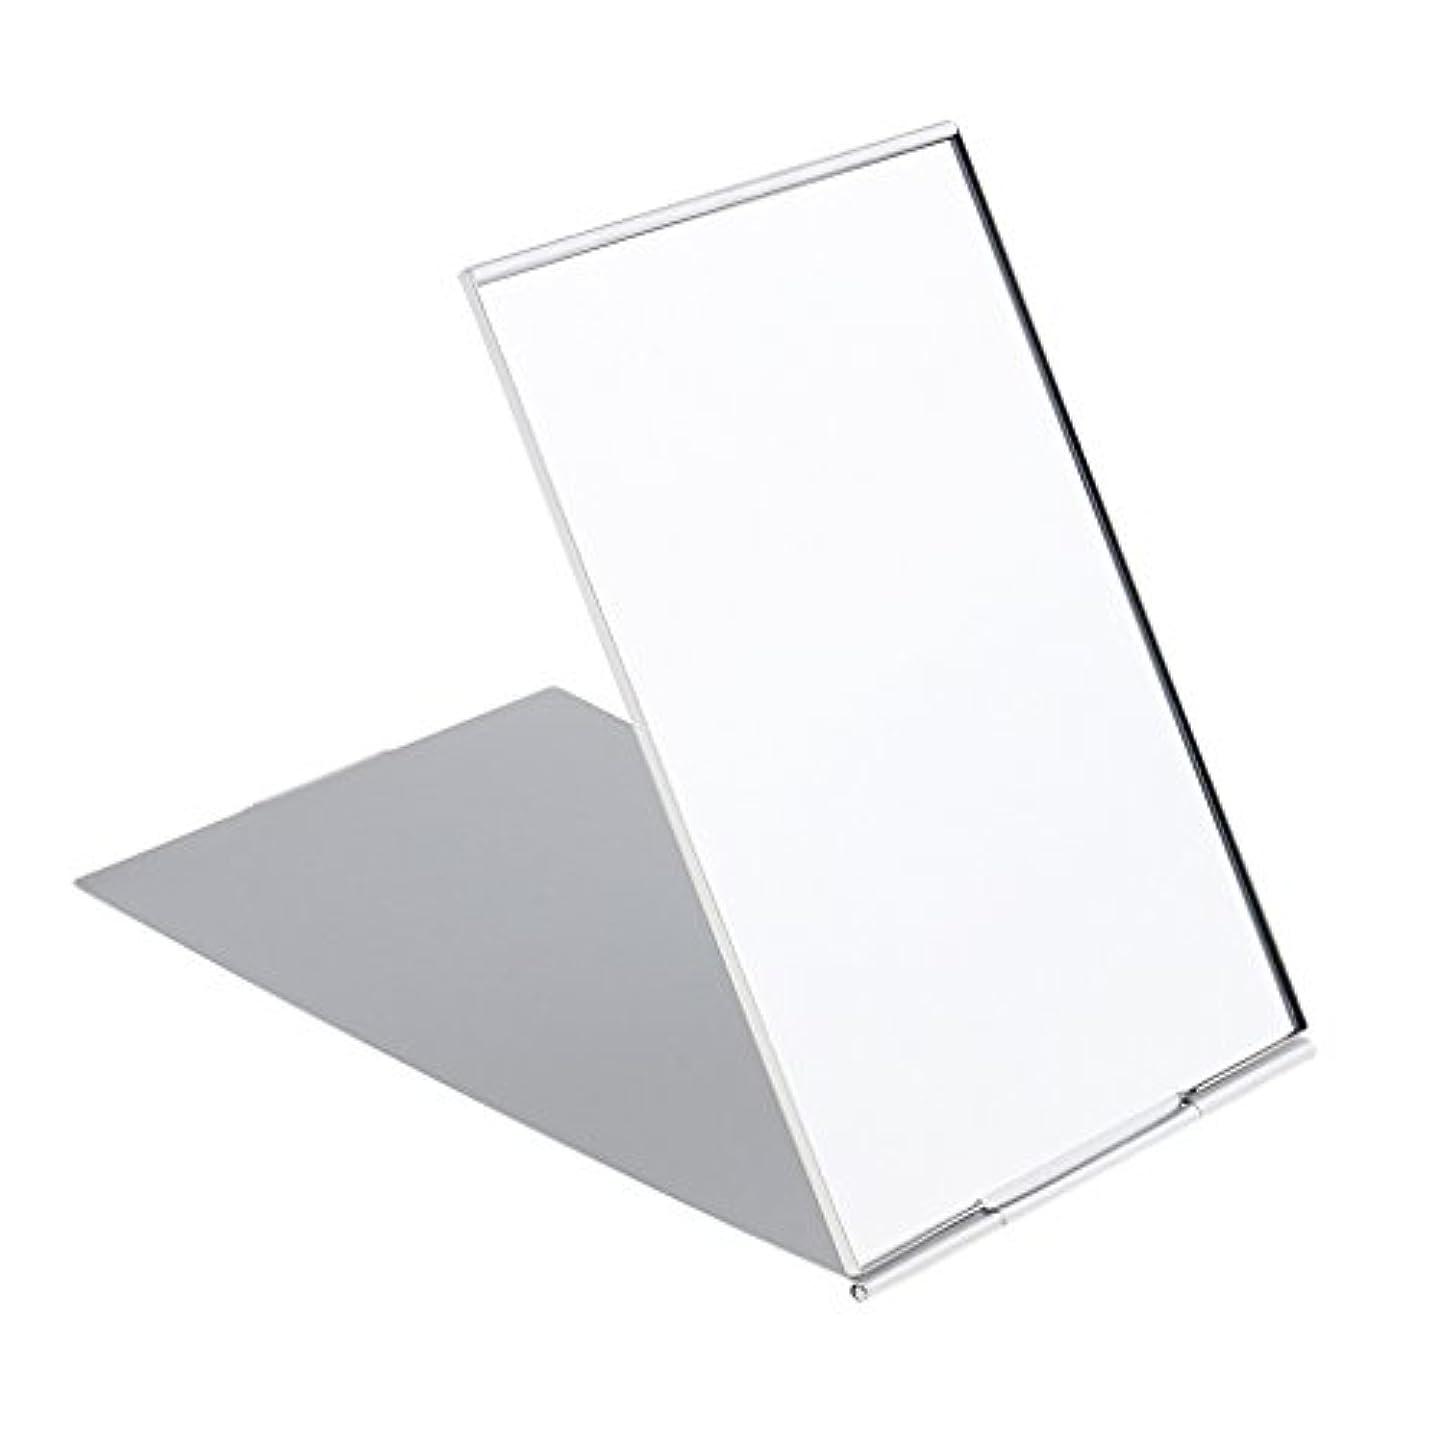 ハーブ挑発するカーフSM SunniMix 化粧鏡 スタンド 卓上 メイクアップミラー 折り畳み式 卓上ミラー 全3サイズ - #1